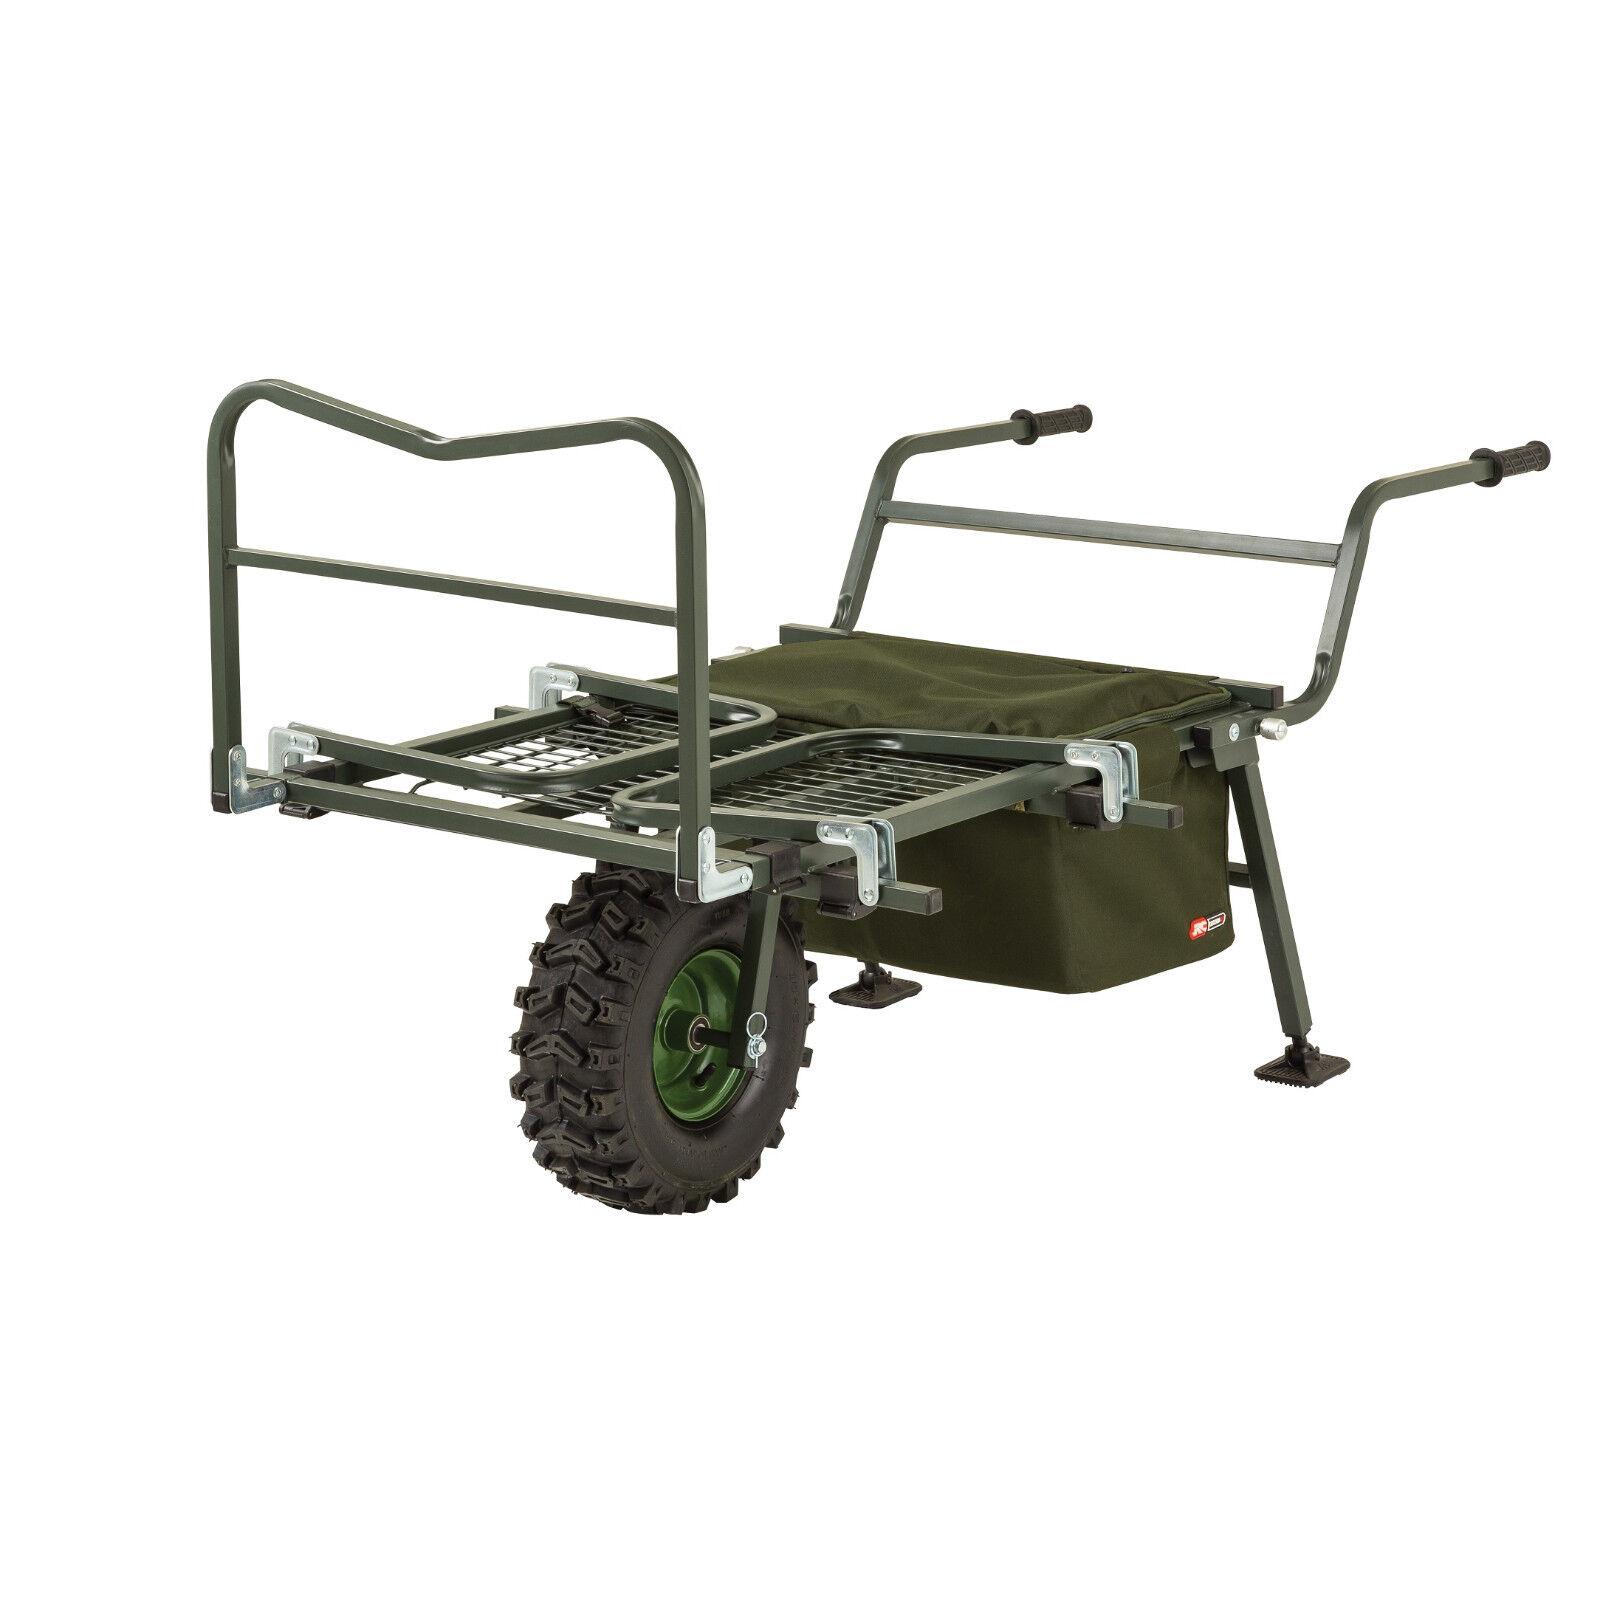 JRC Cocoon 2 Barrow Wide Wheel 1485790 Tacklekarre Trolley Transportwagen